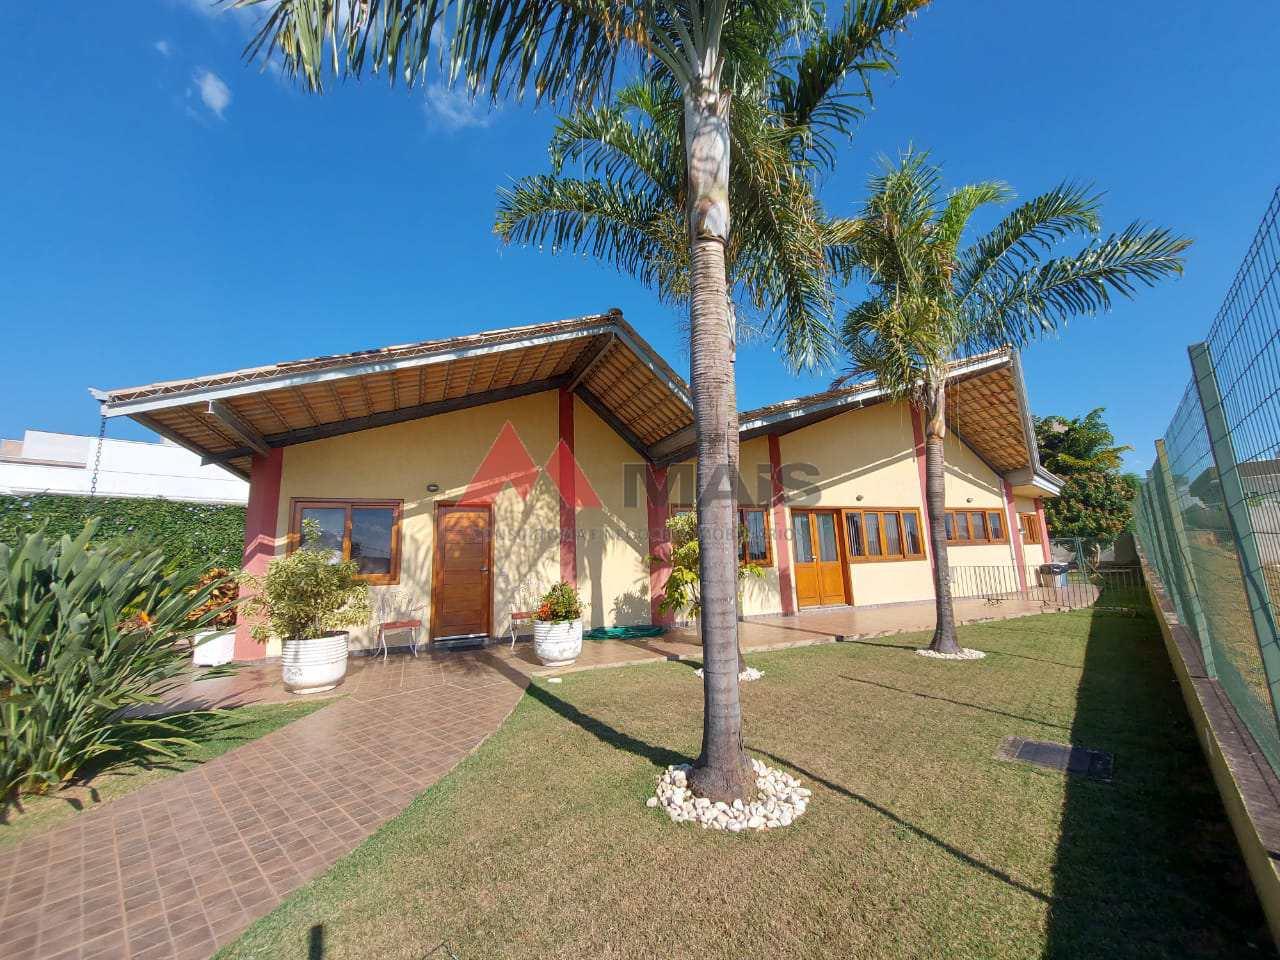 Casa de Condomínio com 3 dorms, Terras de Mont Serrat, Salto - R$ 1.2 mi, Cod: 1748